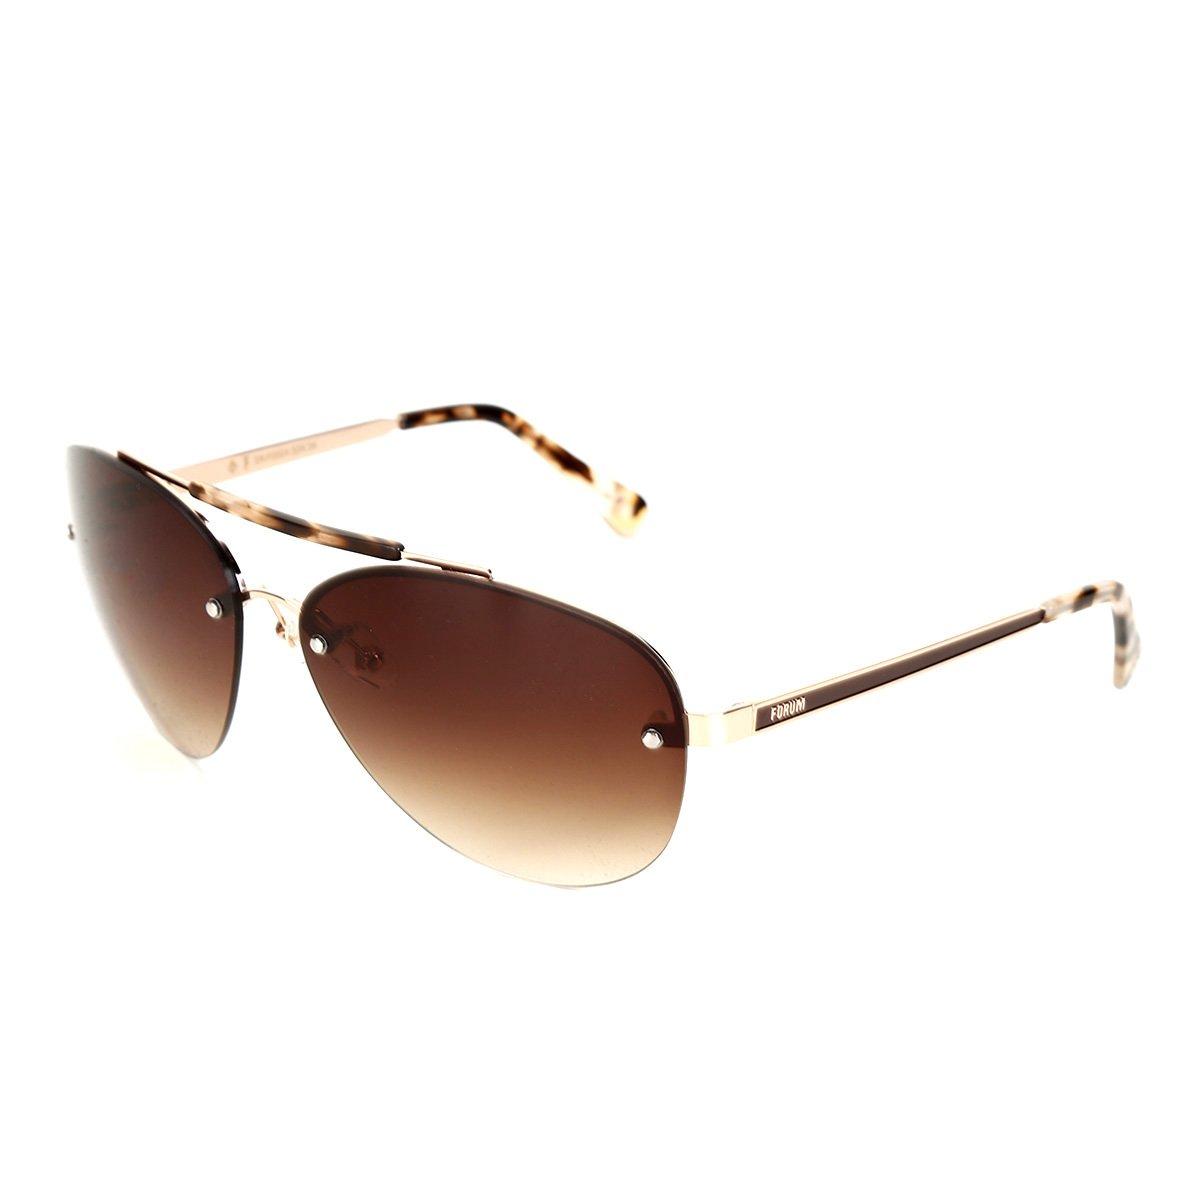 d3d09e6d6fc3f Óculos de Sol Forum Dourado Marrom Masculino - Compre Agora